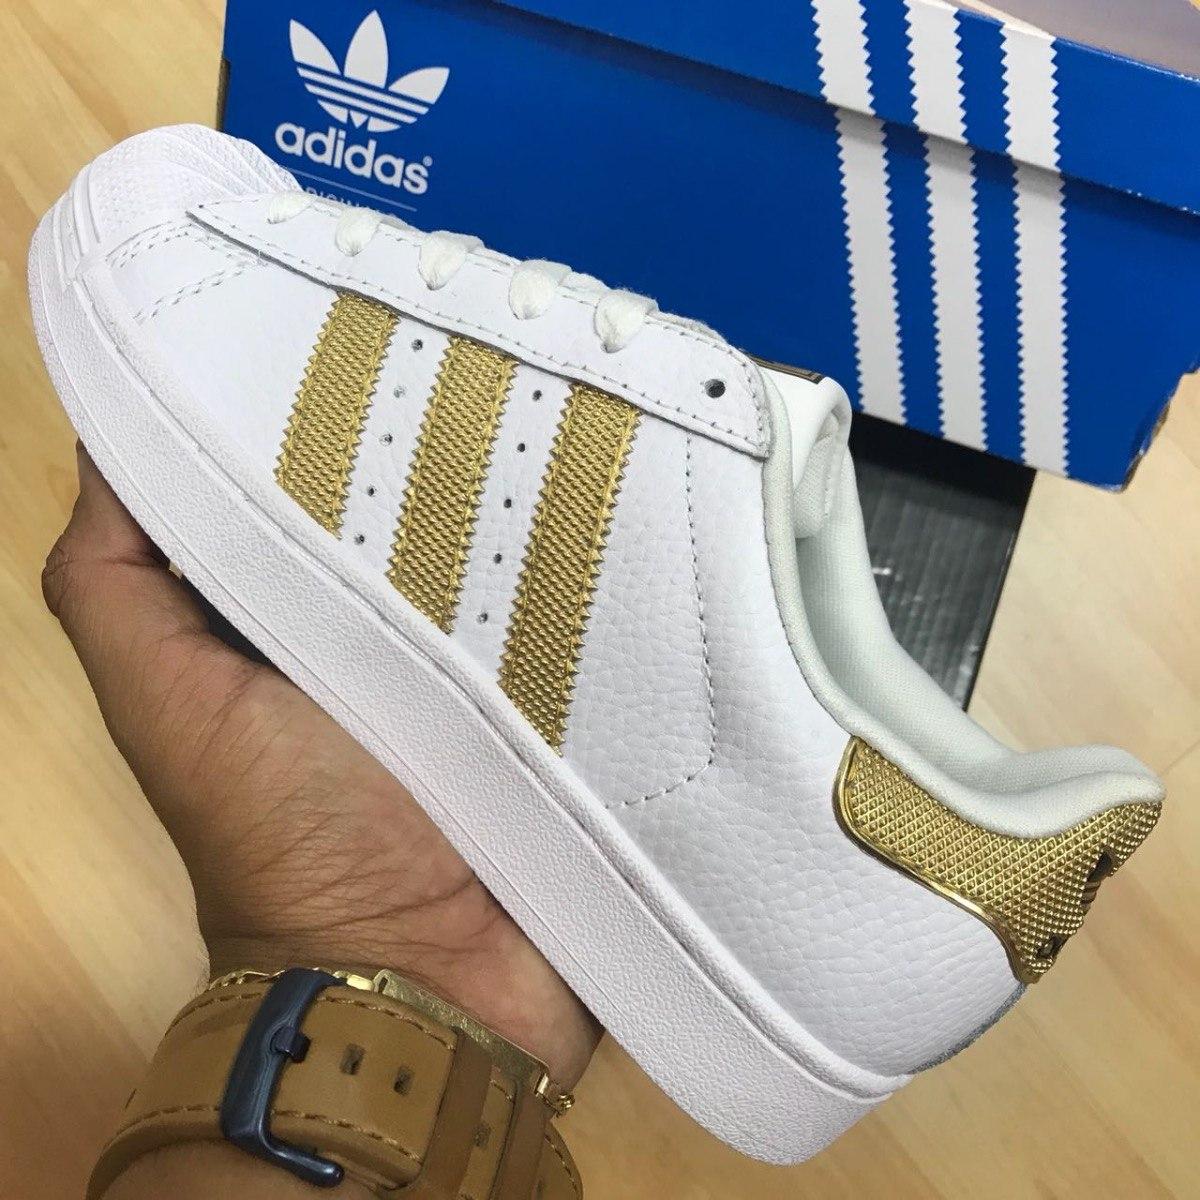 cheaper dae96 551b7 tenis zapatillas adidas superstar multicolor mujer env gr. Cargando zoom... tenis  adidas mujer. Cargando zoom.